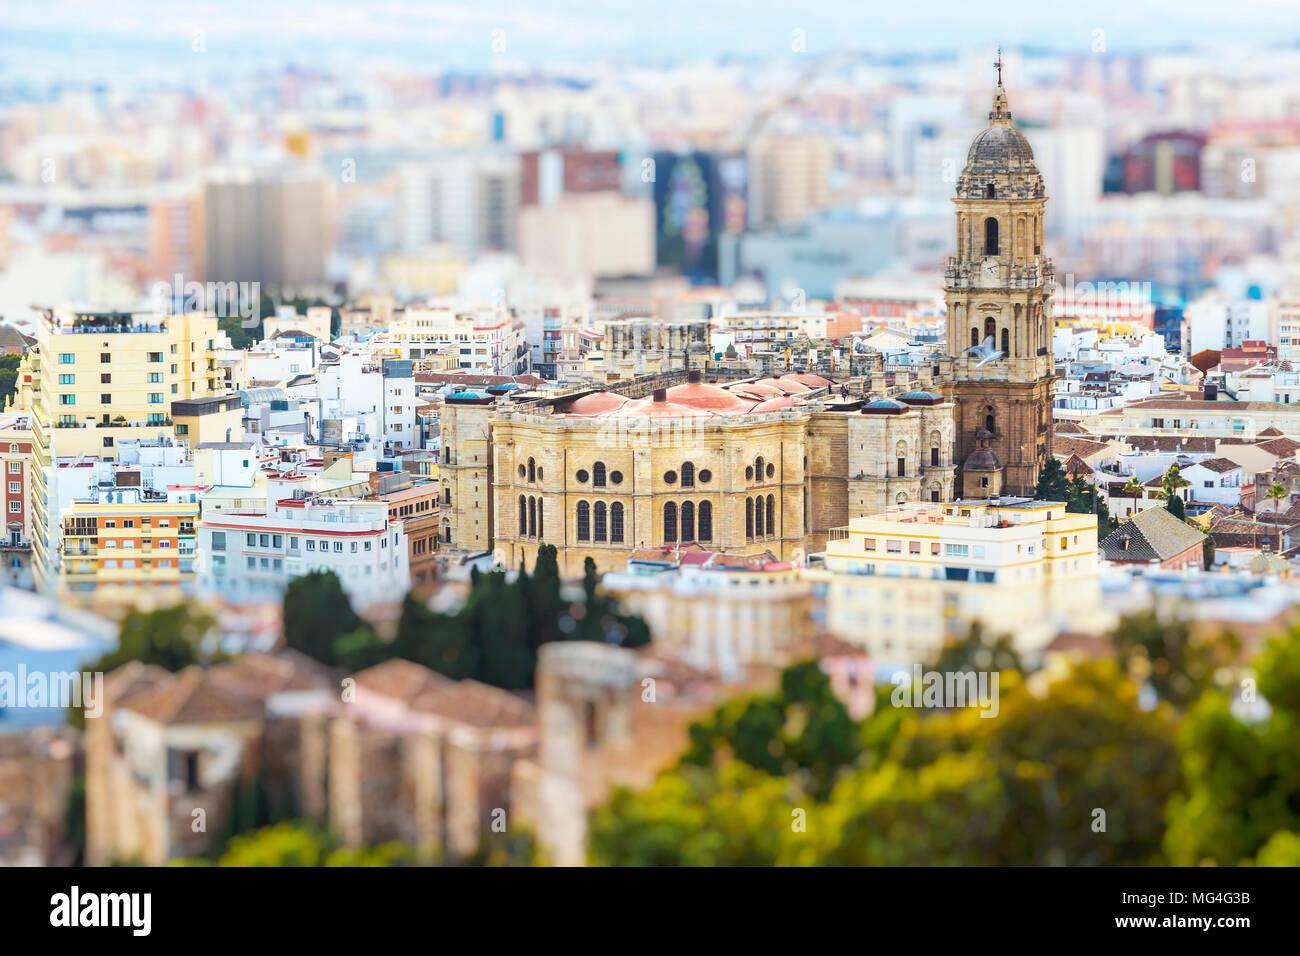 Cahedral di Malaga in Spagna con tilt-shift effetto Immagini Stock